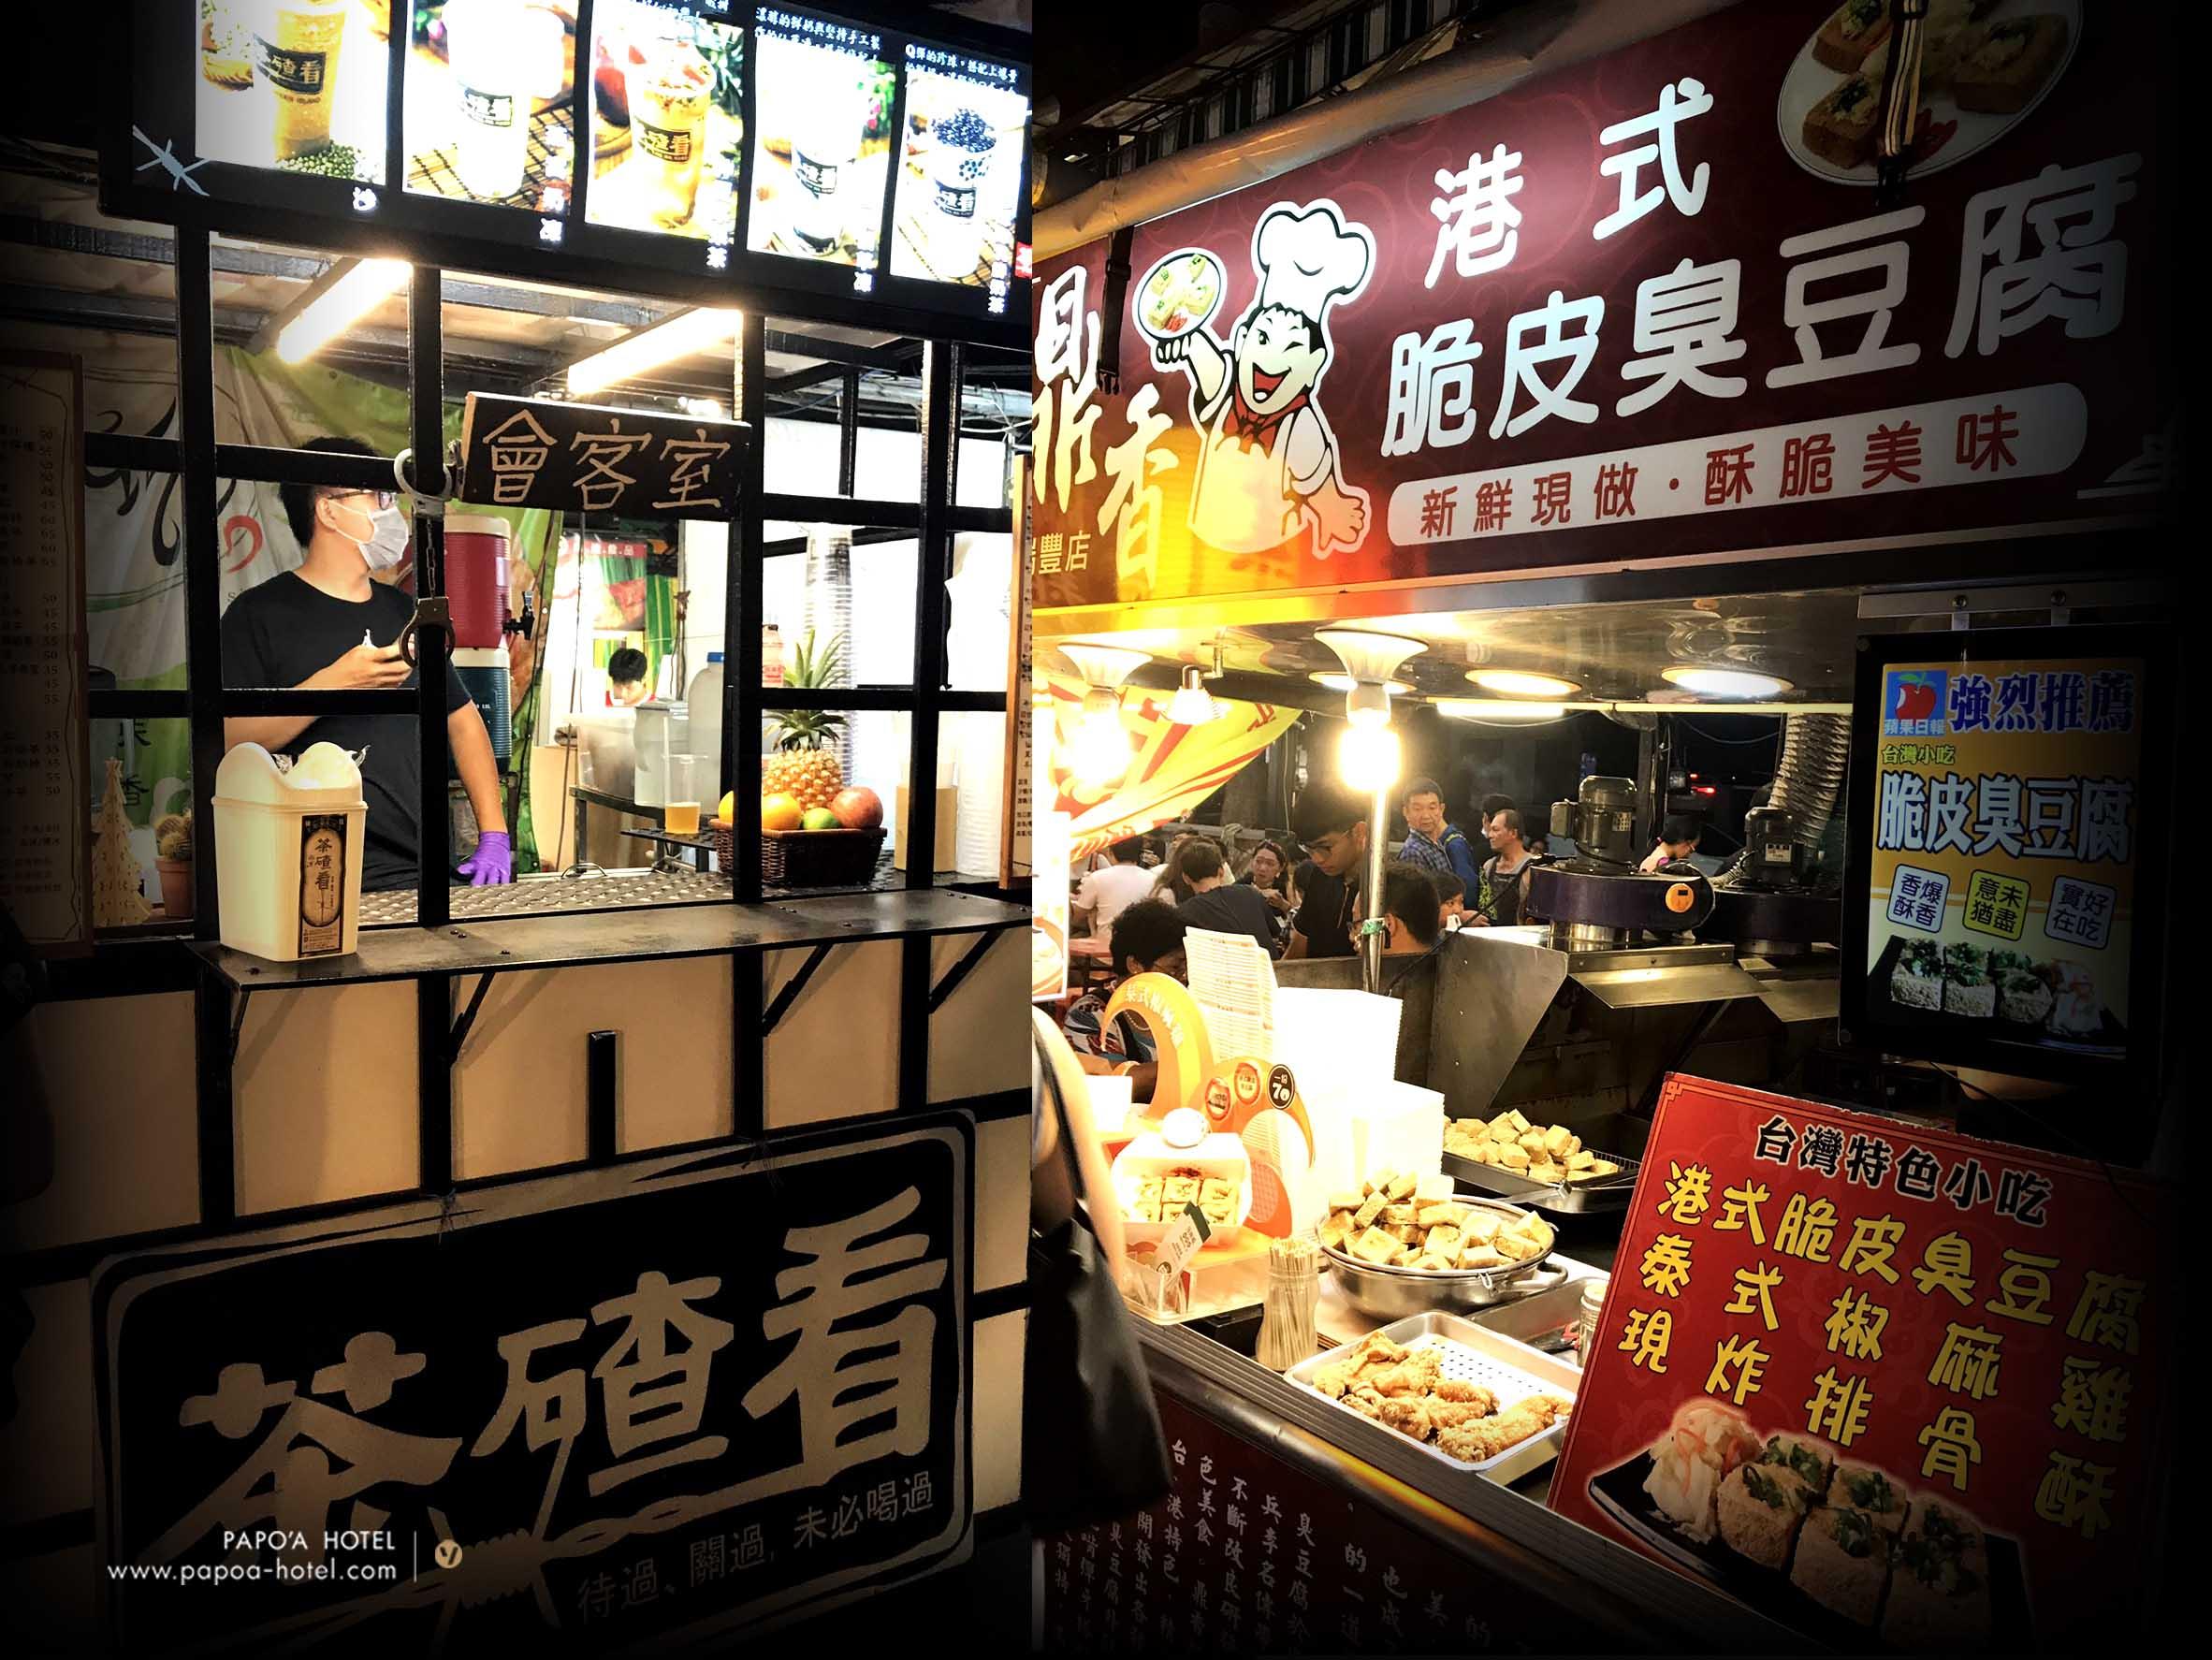 瑞豐夜市臭豆腐和飲料店家